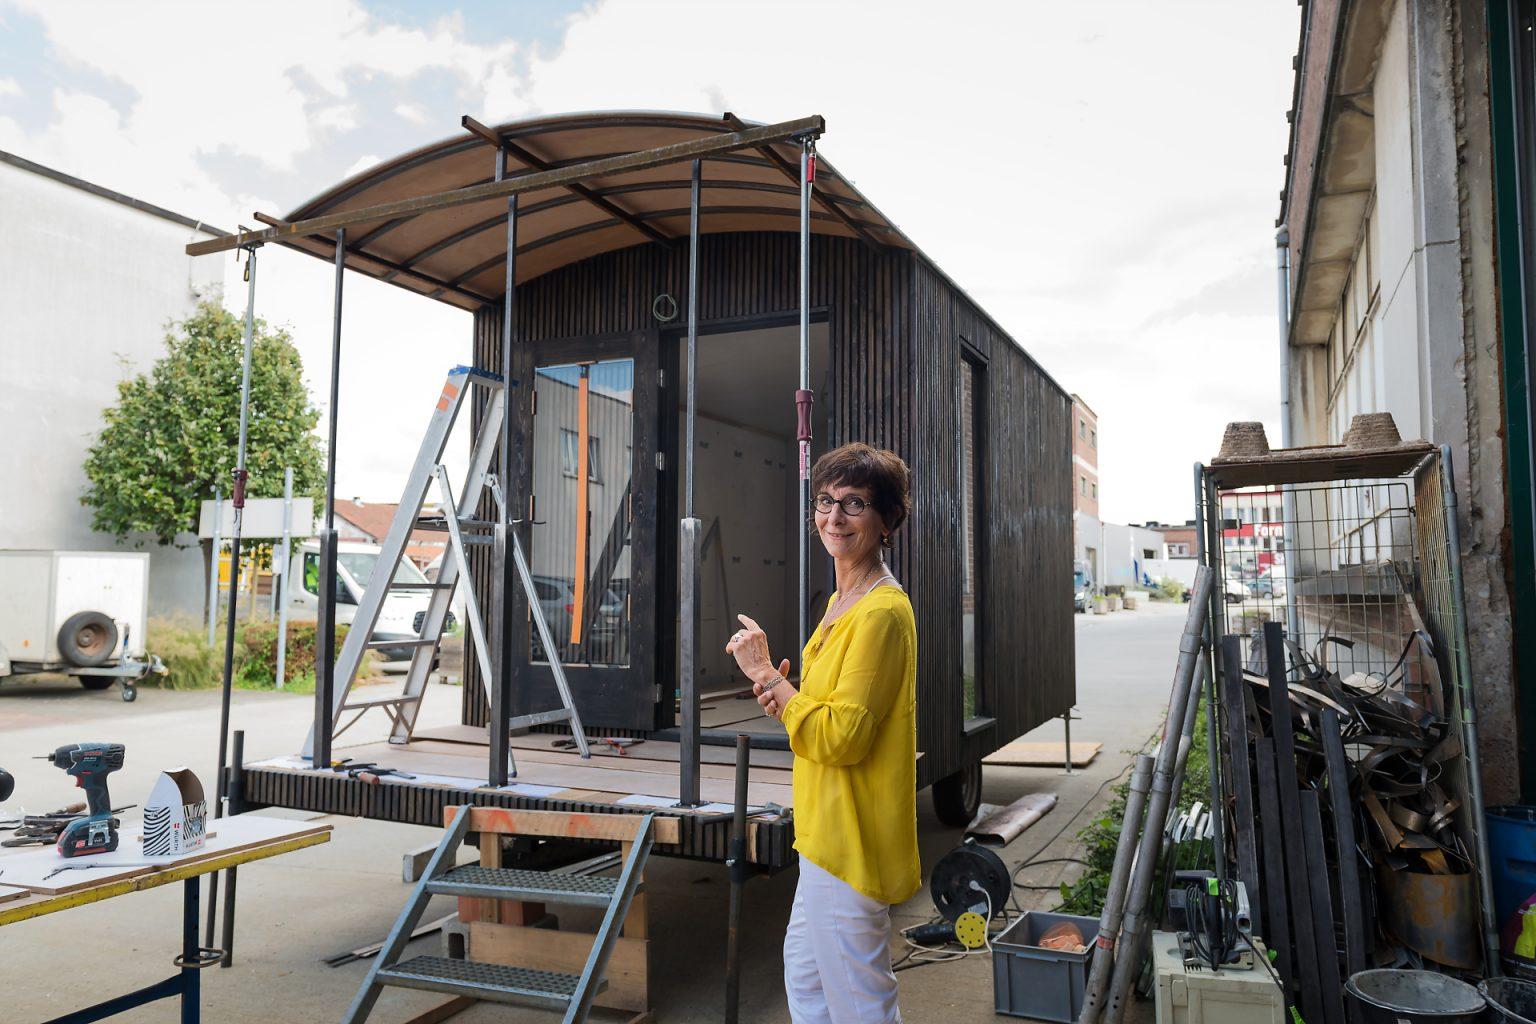 Portrait d'entrepreneur : Isabelle Dubois, architecte d'intérieuface à sa roulotte en construction. Portrait en lumière naturelle et suivi de l'activité de l'entrepreneur